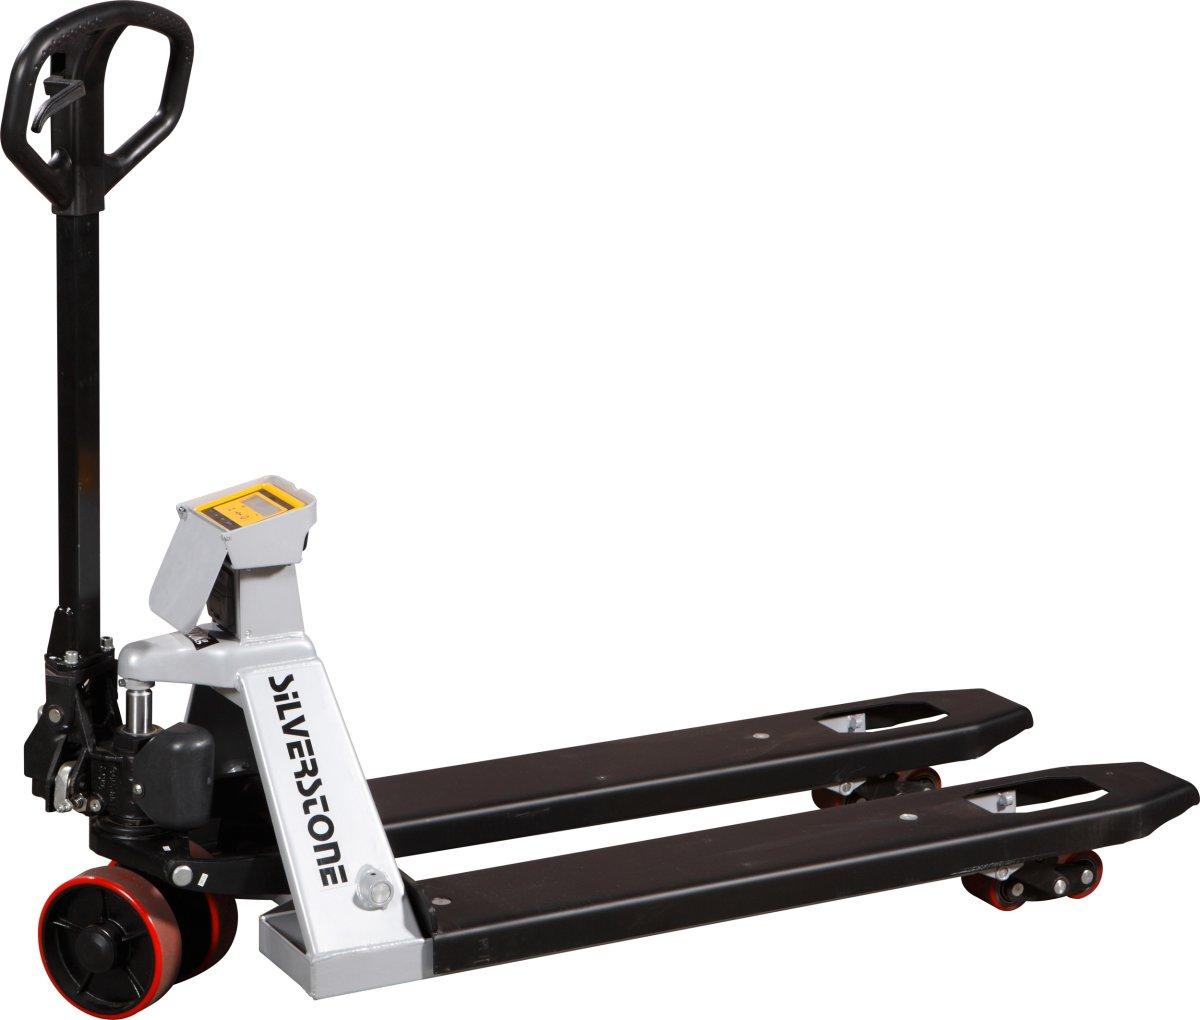 Palleløfter med vægt, 1150x555 mm, 2000 kg